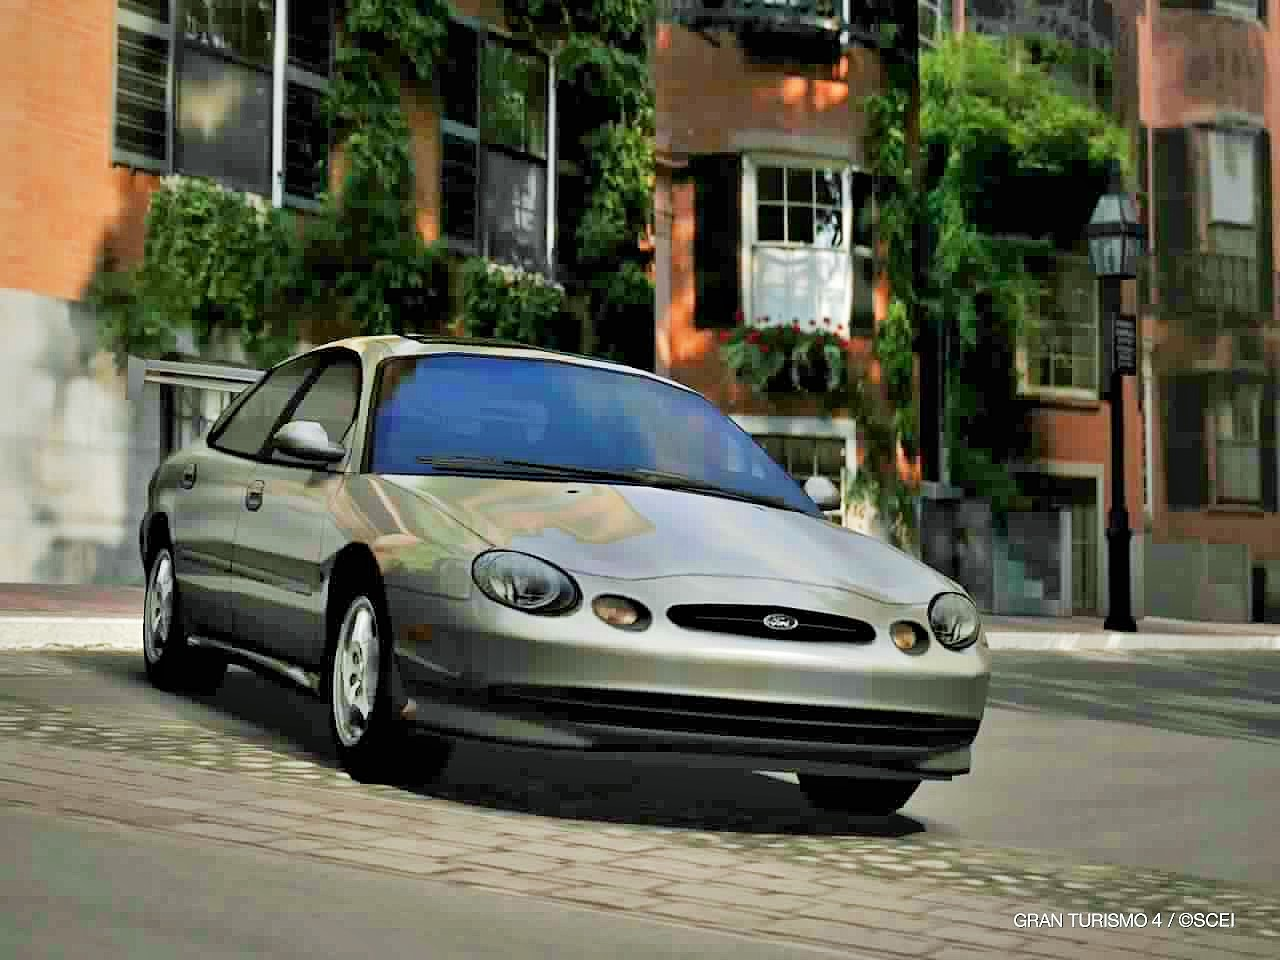 Gran Turismo Photo Dump: GT4 1998 Ford Taurus SHO